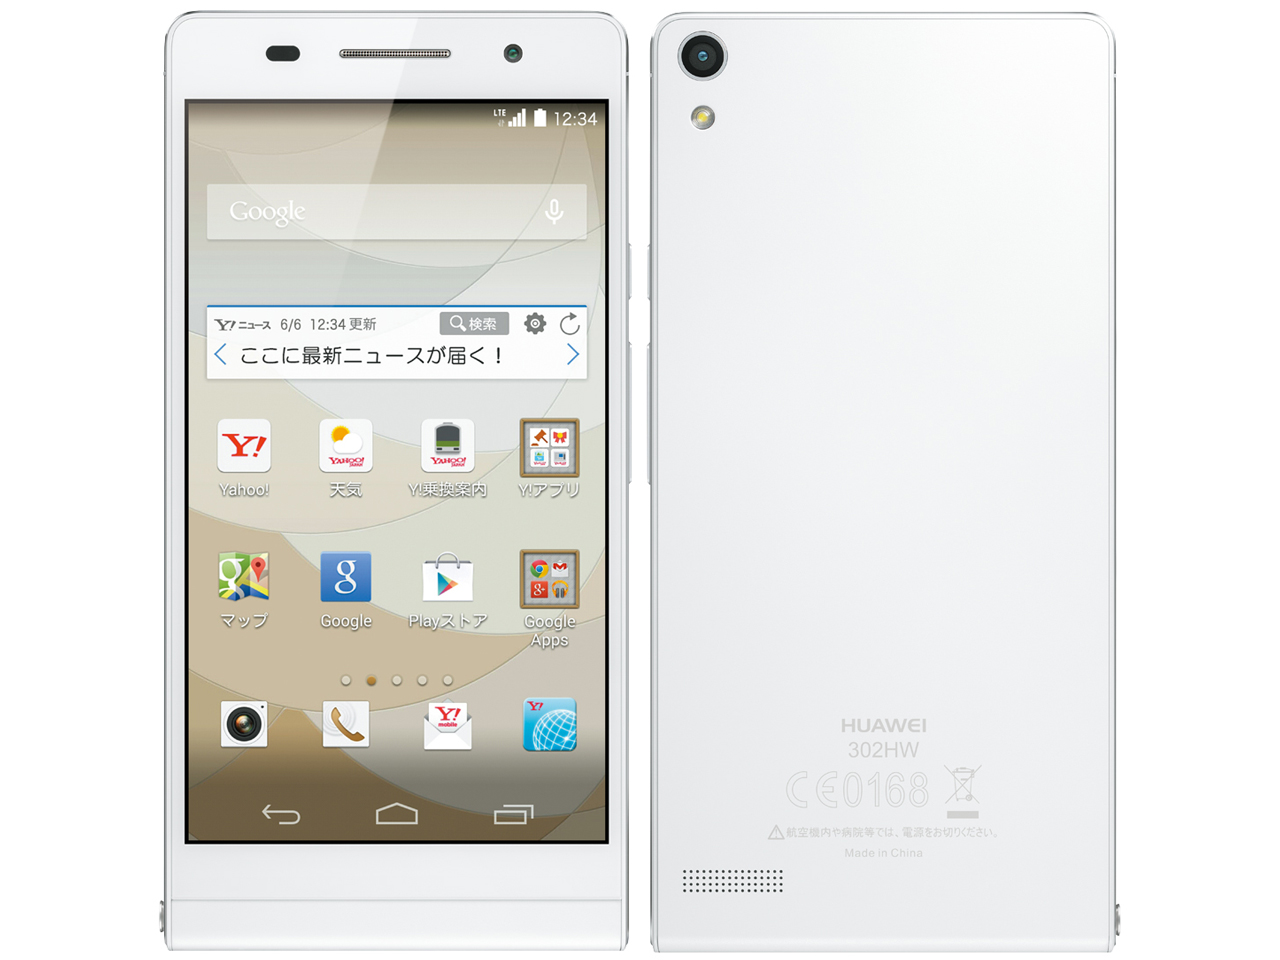 STREAM S 302HW ワイモバイル [ホワイト] の製品画像